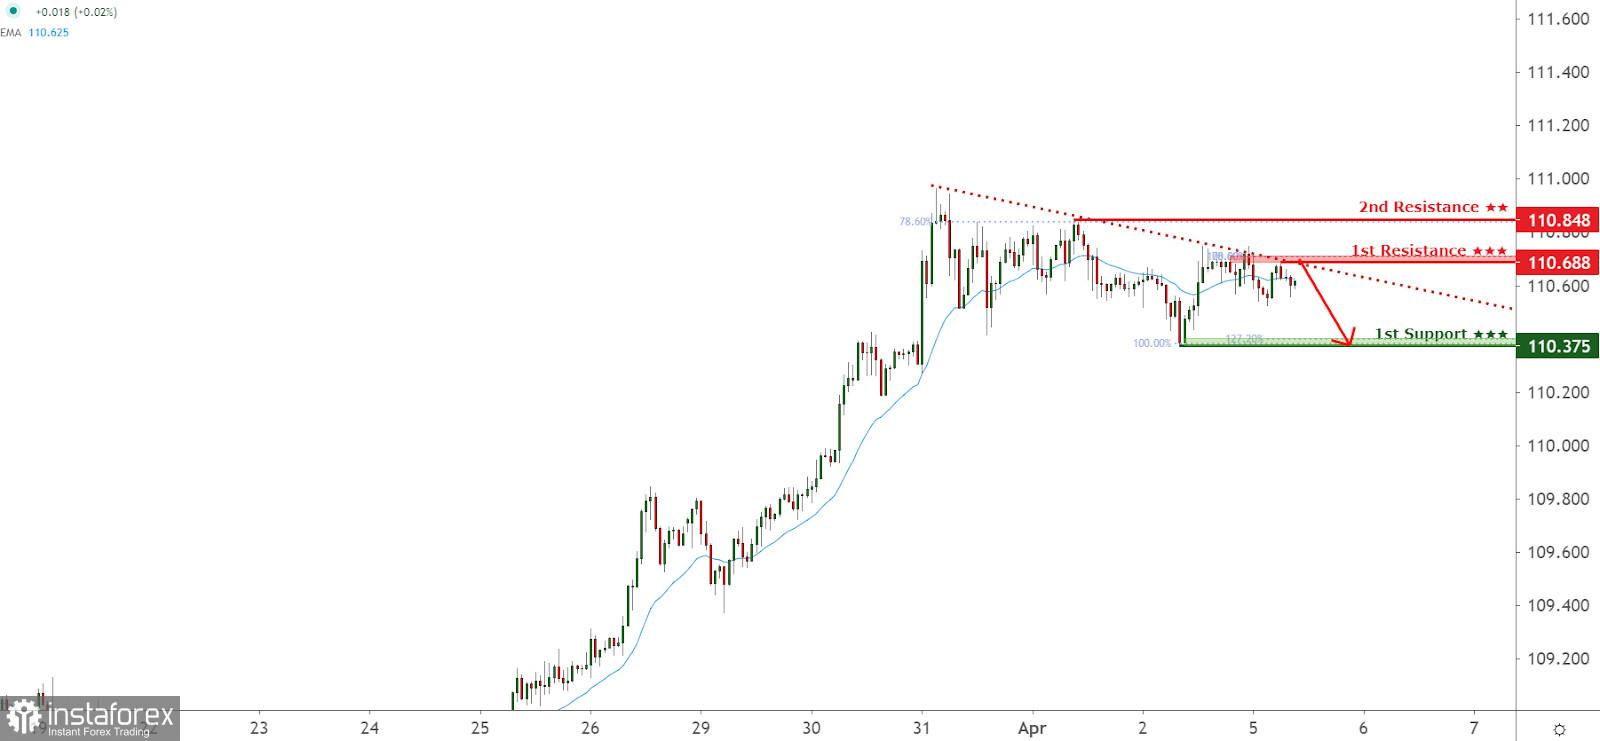 Pasangan mata wang USD/JPY menghadapi tekanan penurunan harga, berpotensi untuk meneruskan ke arah tahap lebih rendah!